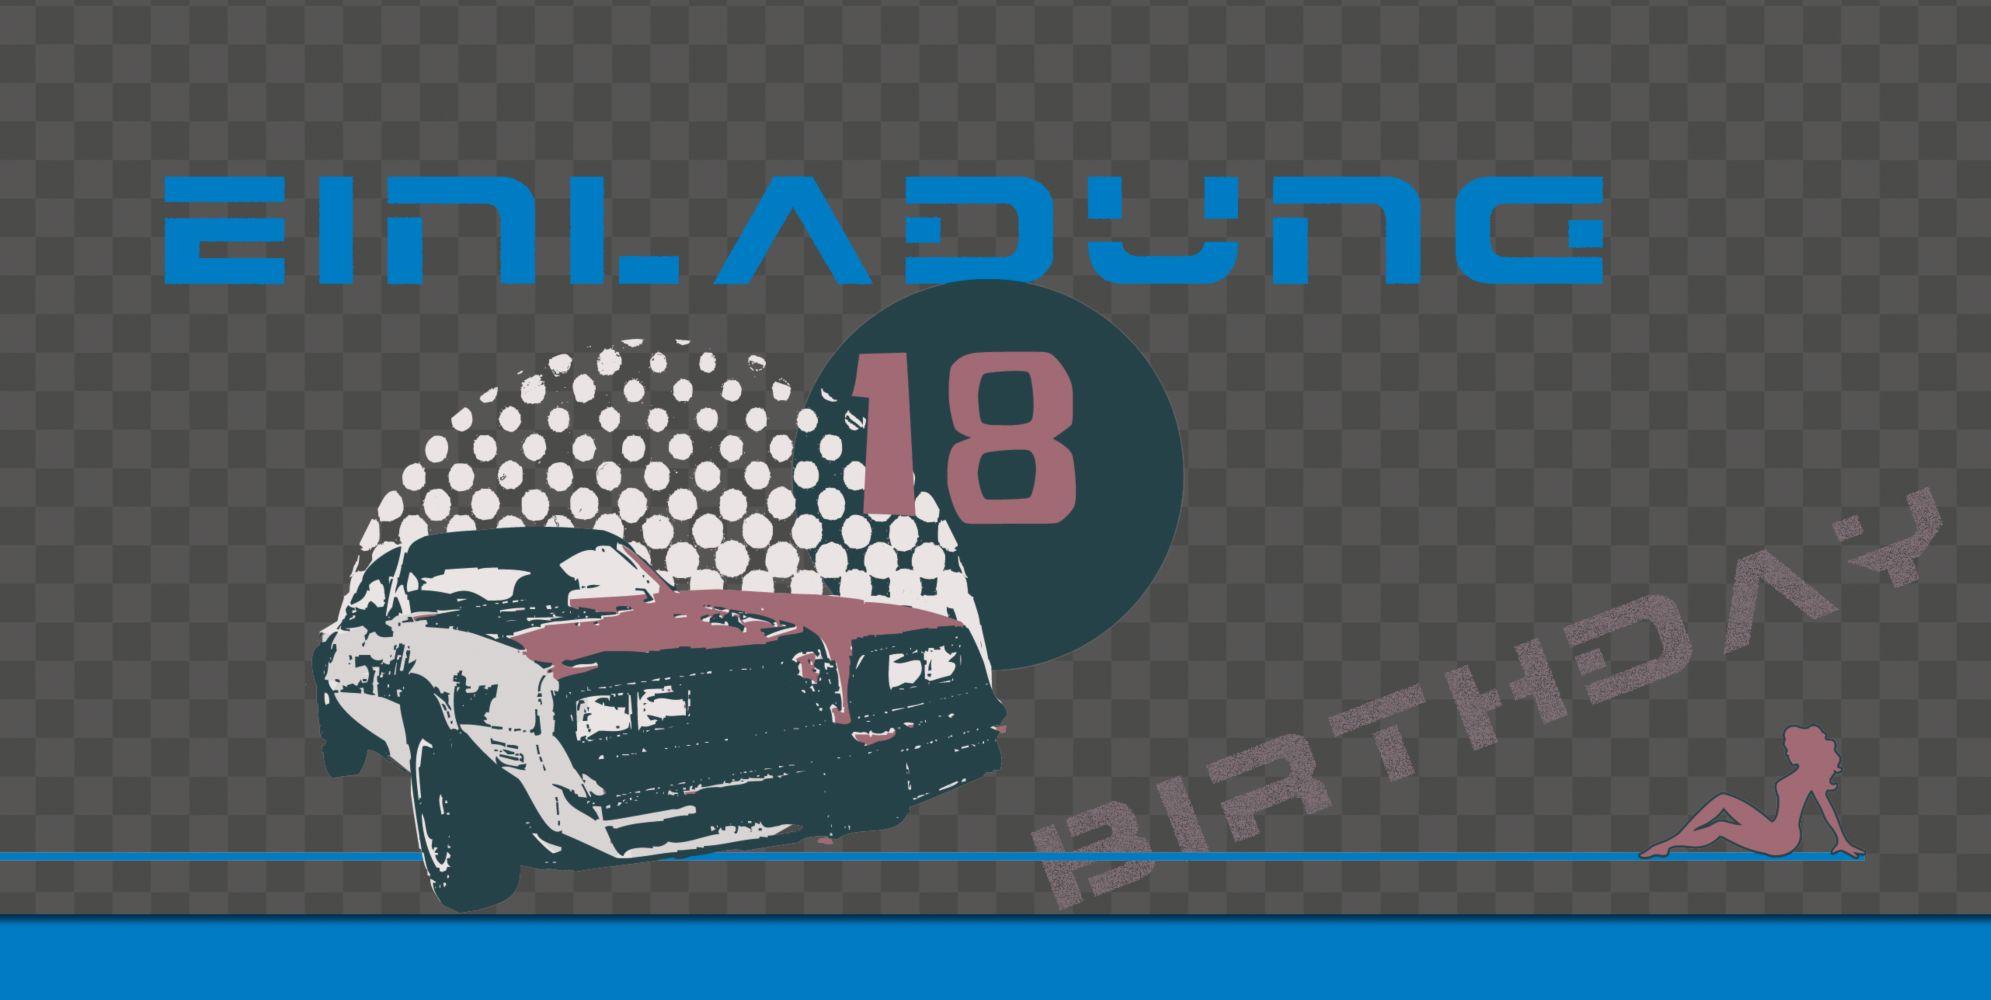 Ansicht 3 - Einladung zum 18. Geburtstag Car